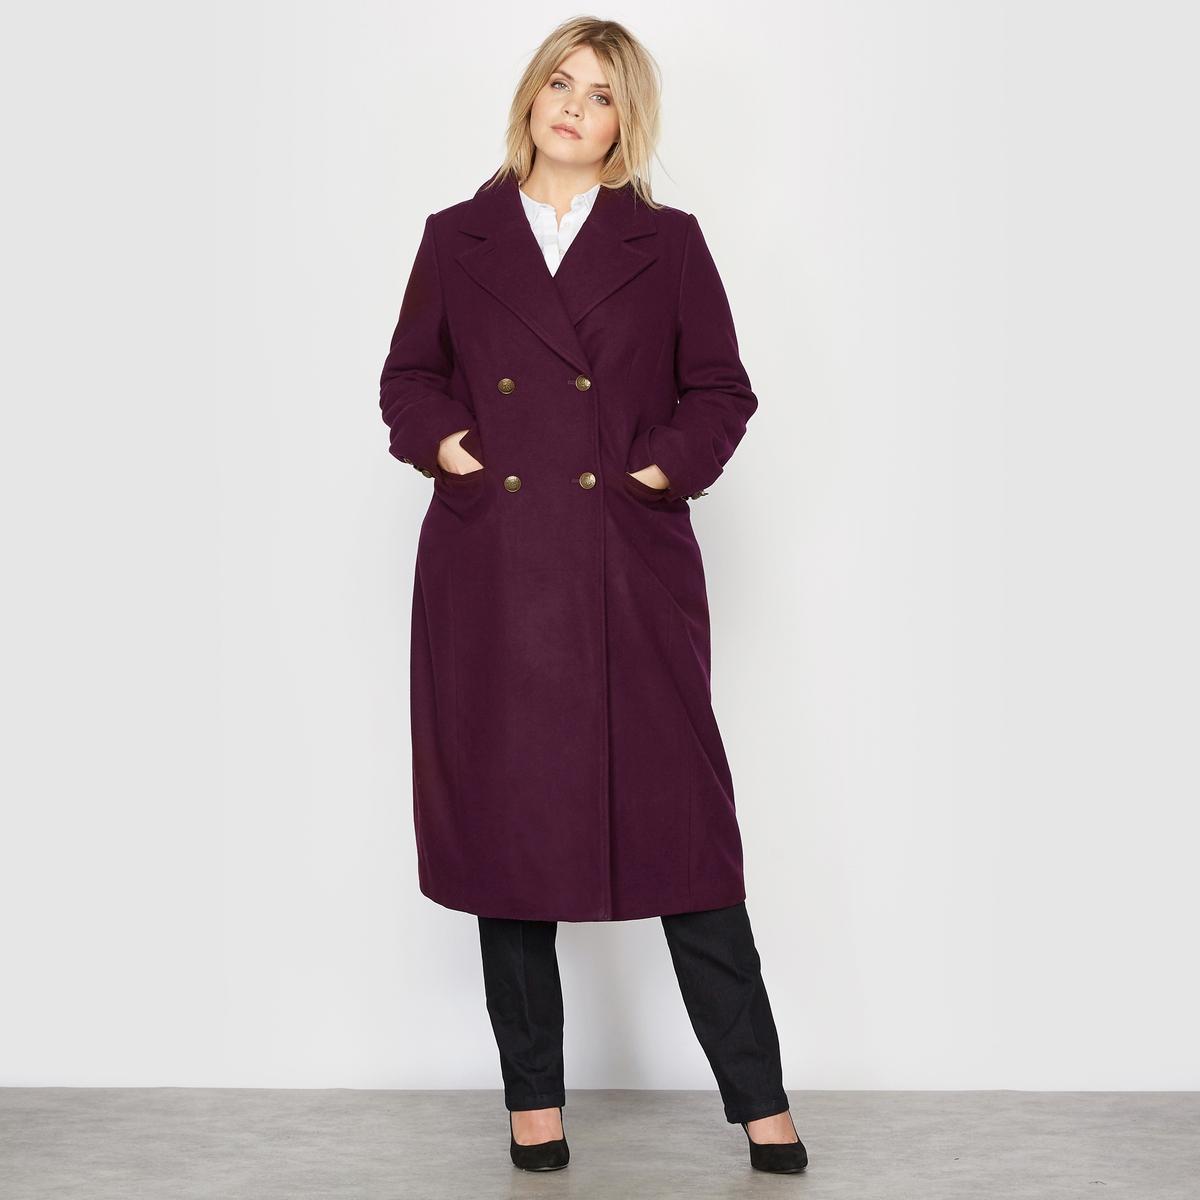 Пальто-шинель из шерстяного драпа пальто шинель из шерстяного драпа